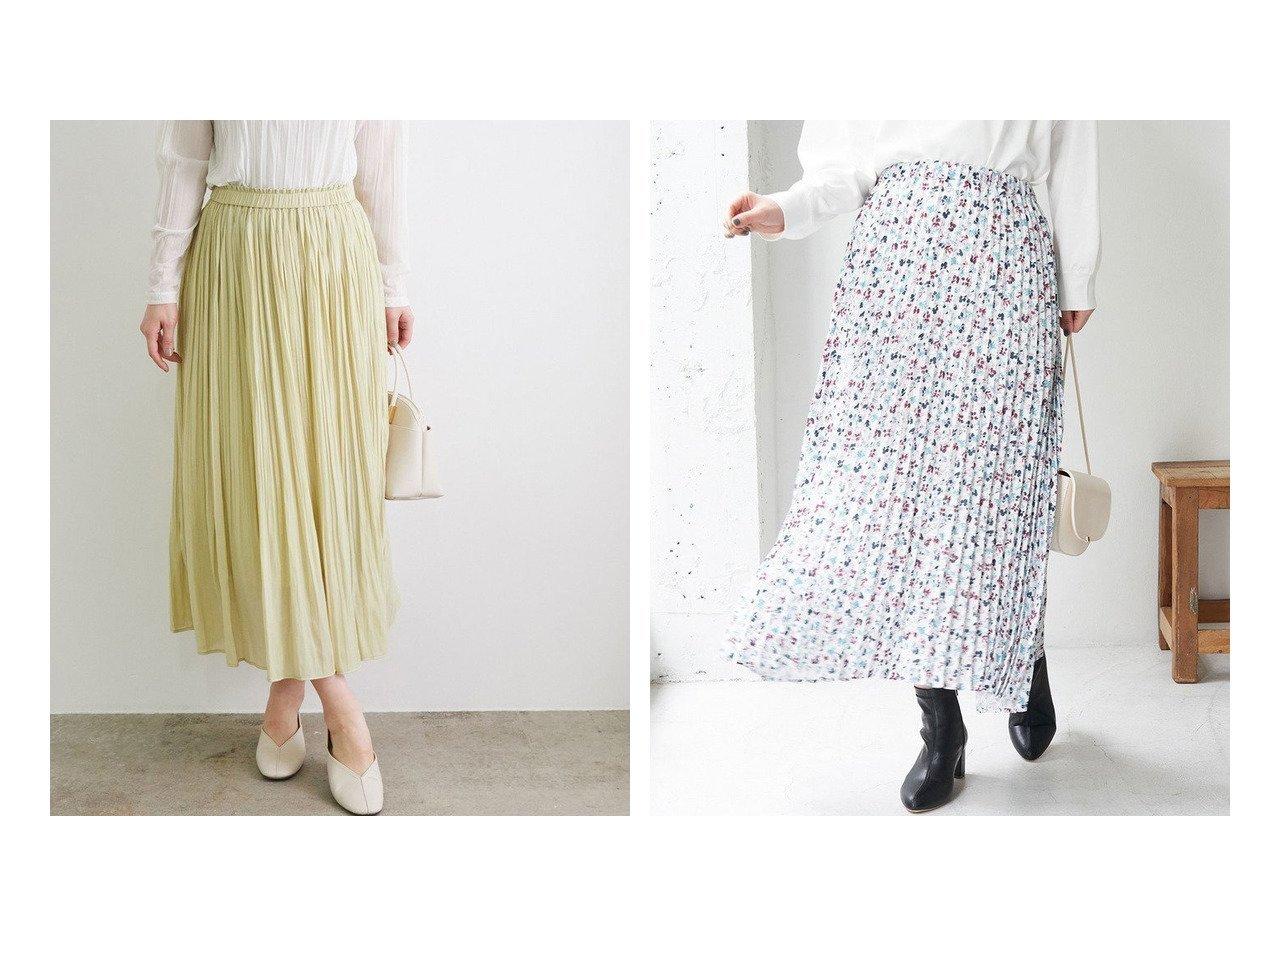 【ROPE' PICNIC/ロペピクニック】のフラワープリントプリーツスカート&シアーナチュラル楊柳スカート ロペピクニックのおすすめ!人気、トレンド・レディースファッションの通販 おすすめで人気の流行・トレンド、ファッションの通販商品 メンズファッション・キッズファッション・インテリア・家具・レディースファッション・服の通販 founy(ファニー) https://founy.com/ ファッション Fashion レディースファッション WOMEN スカート Skirt プリーツスカート Pleated Skirts おすすめ Recommend ギャザー タイツ フラワー プリント プリーツ ポケット リラックス ロング 冬 Winter 春 Spring 秋 Autumn/Fall NEW・新作・新着・新入荷 New Arrivals イエロー カットソー シアー フェミニン フリル |ID:crp329100000021509